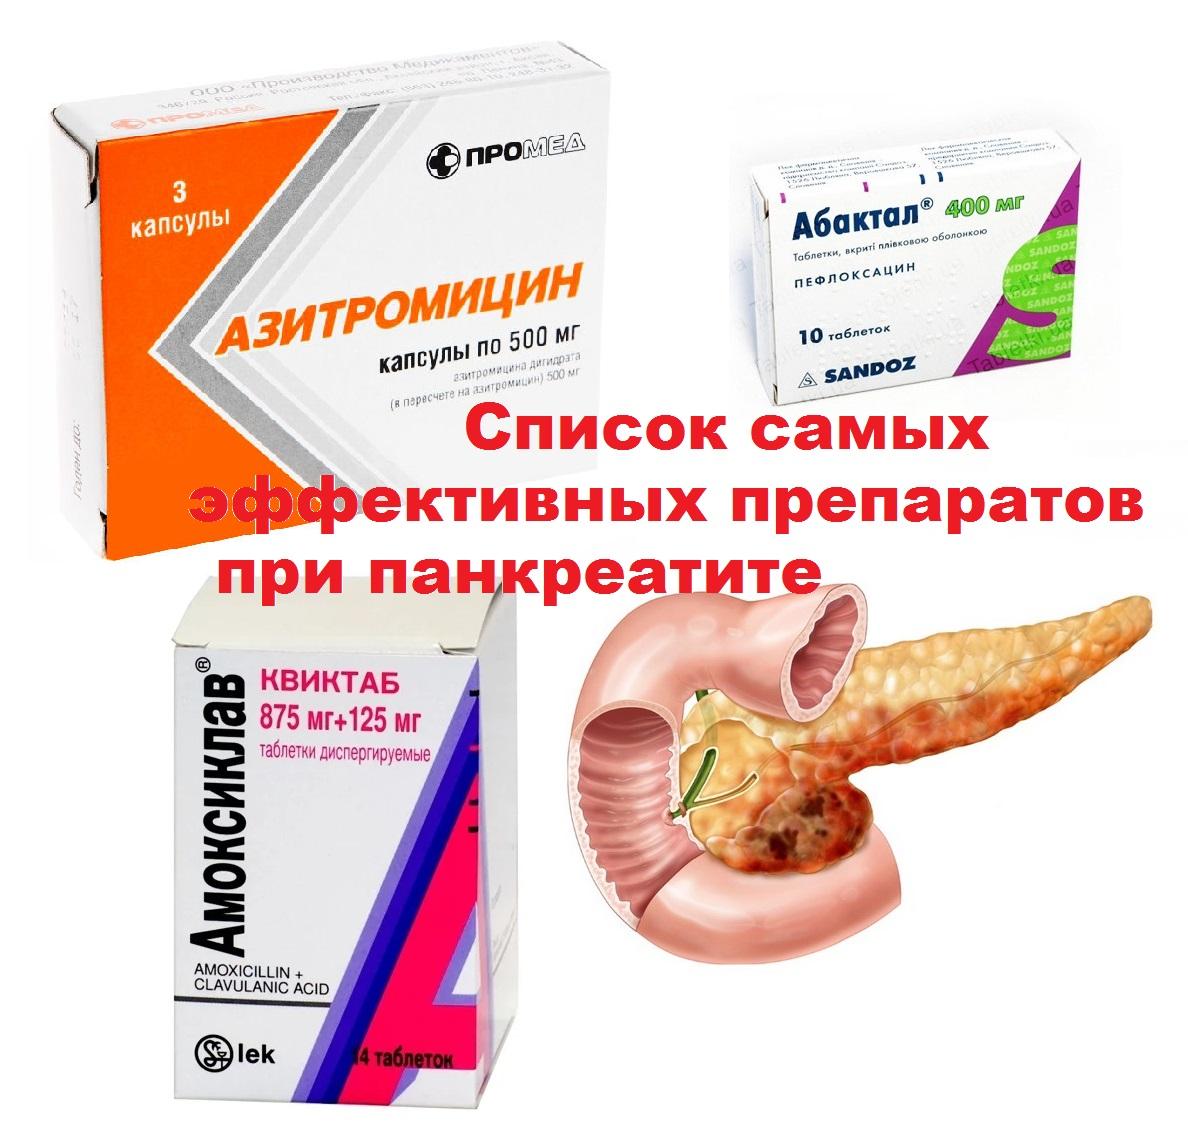 Самые эффективные препараты